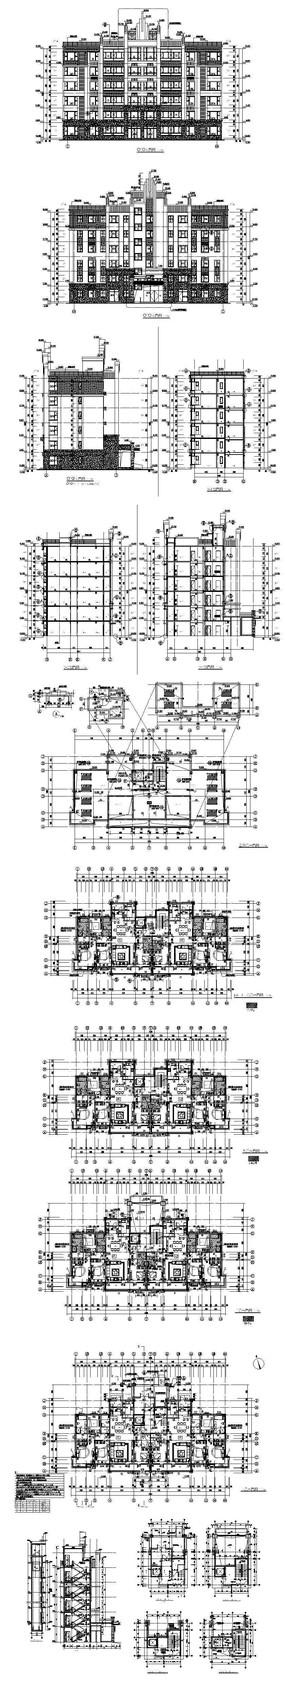 商业休闲酒店建筑图纸